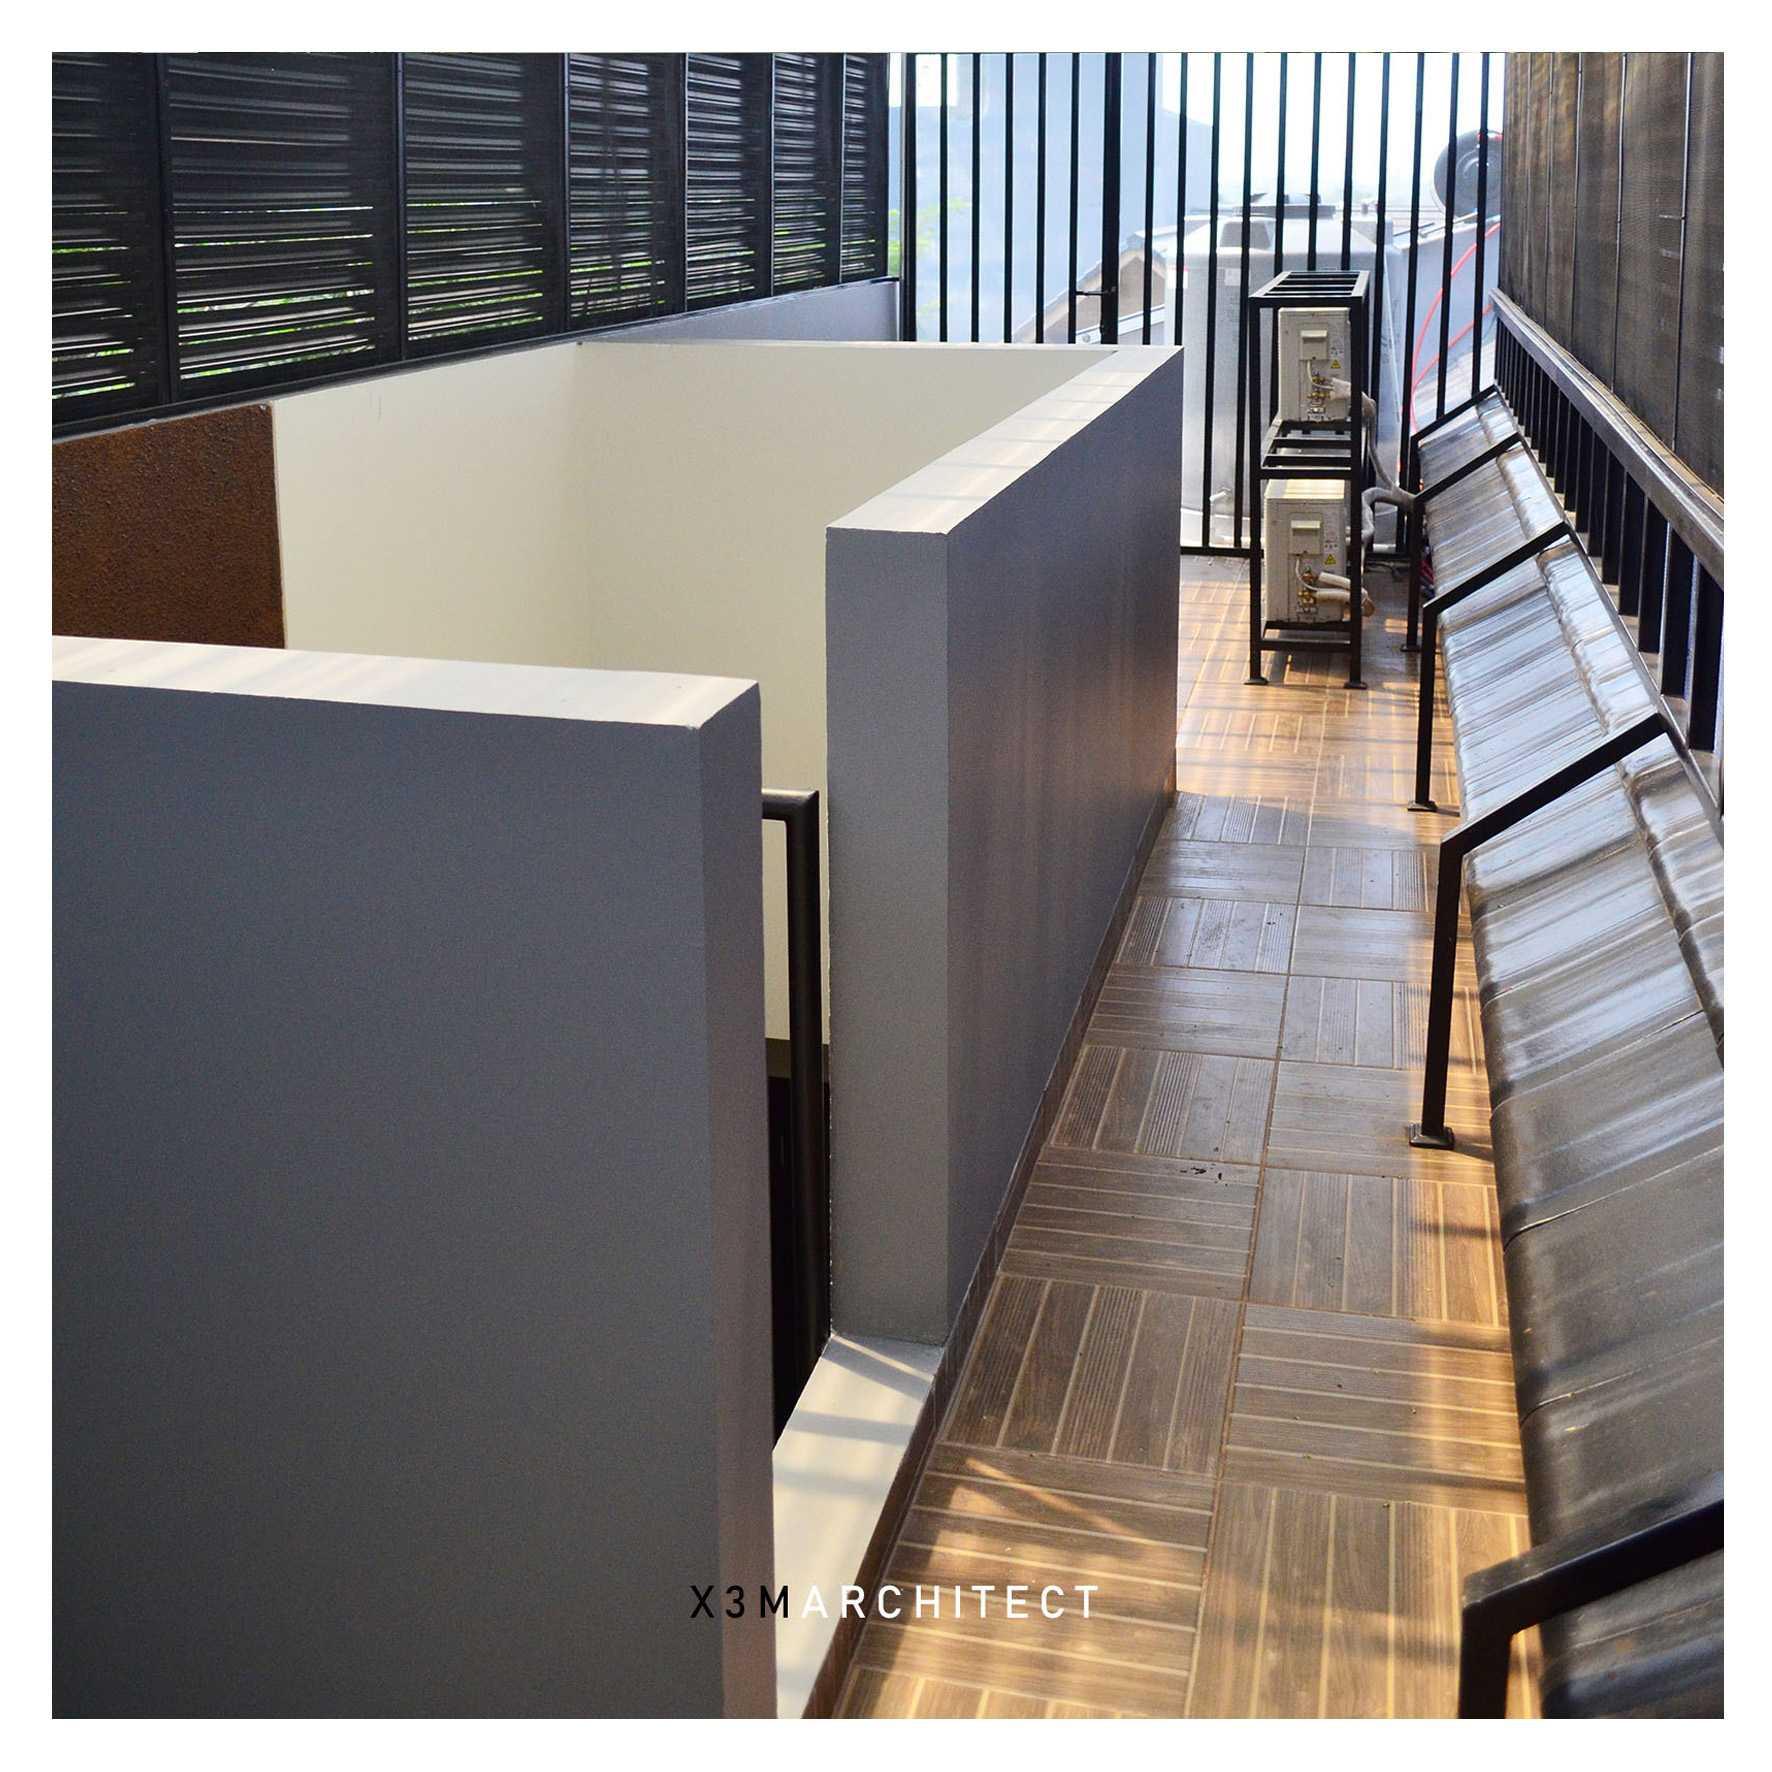 X3M Architects Nittaya A5 1 House Sampora, Kec. Cisauk, Tangerang, Banten 15345, Indonesia Sampora, Kec. Cisauk, Tangerang, Banten 15345, Indonesia X3M-Architects-Nittaya-A5-1  75972